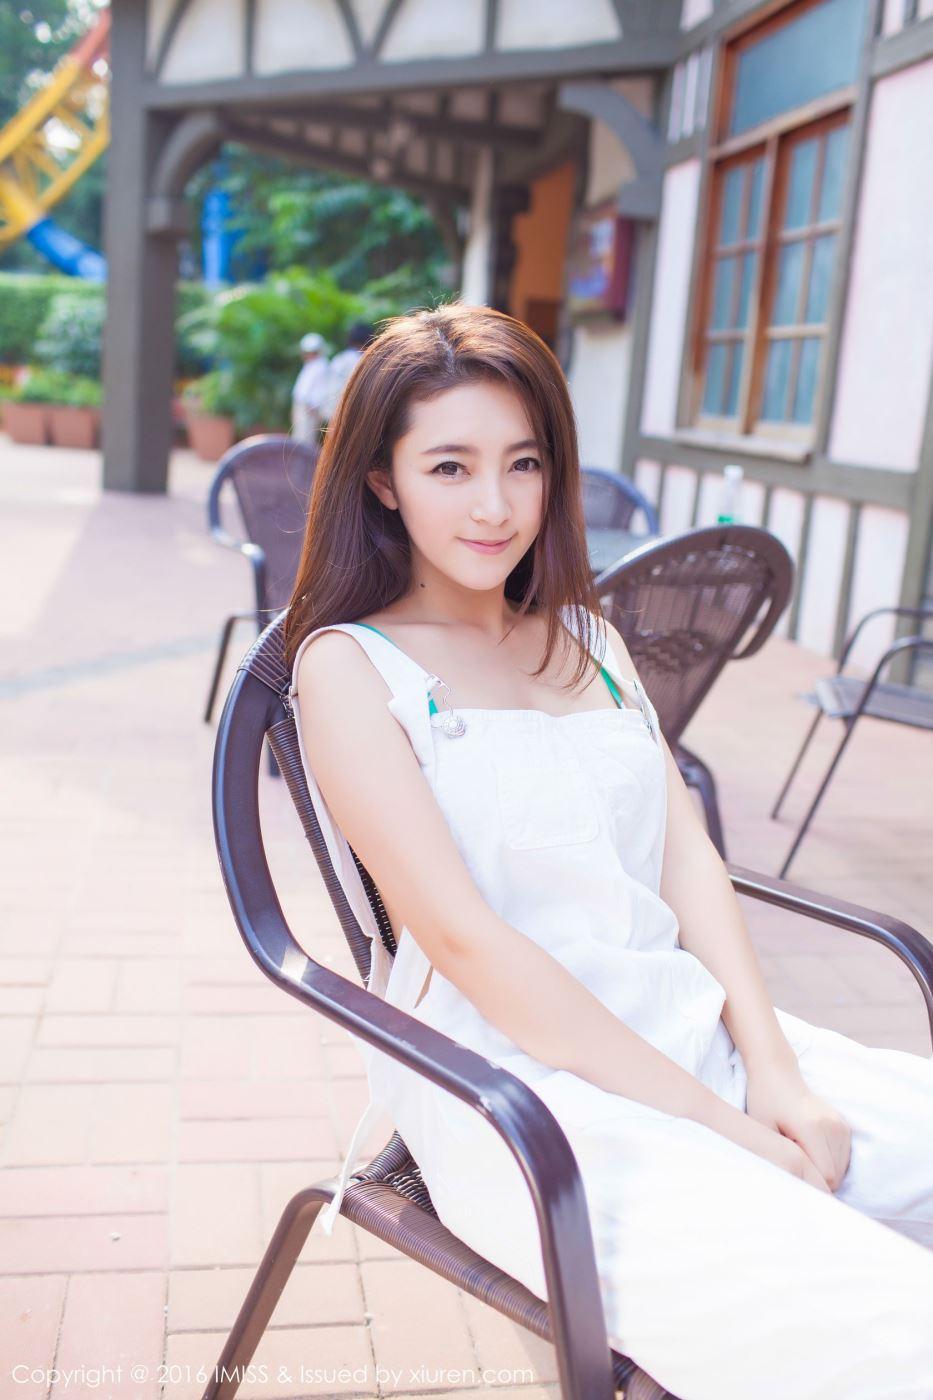 爱蜜社清纯美女模特夏茉GIGI甜美可爱街拍写真系列